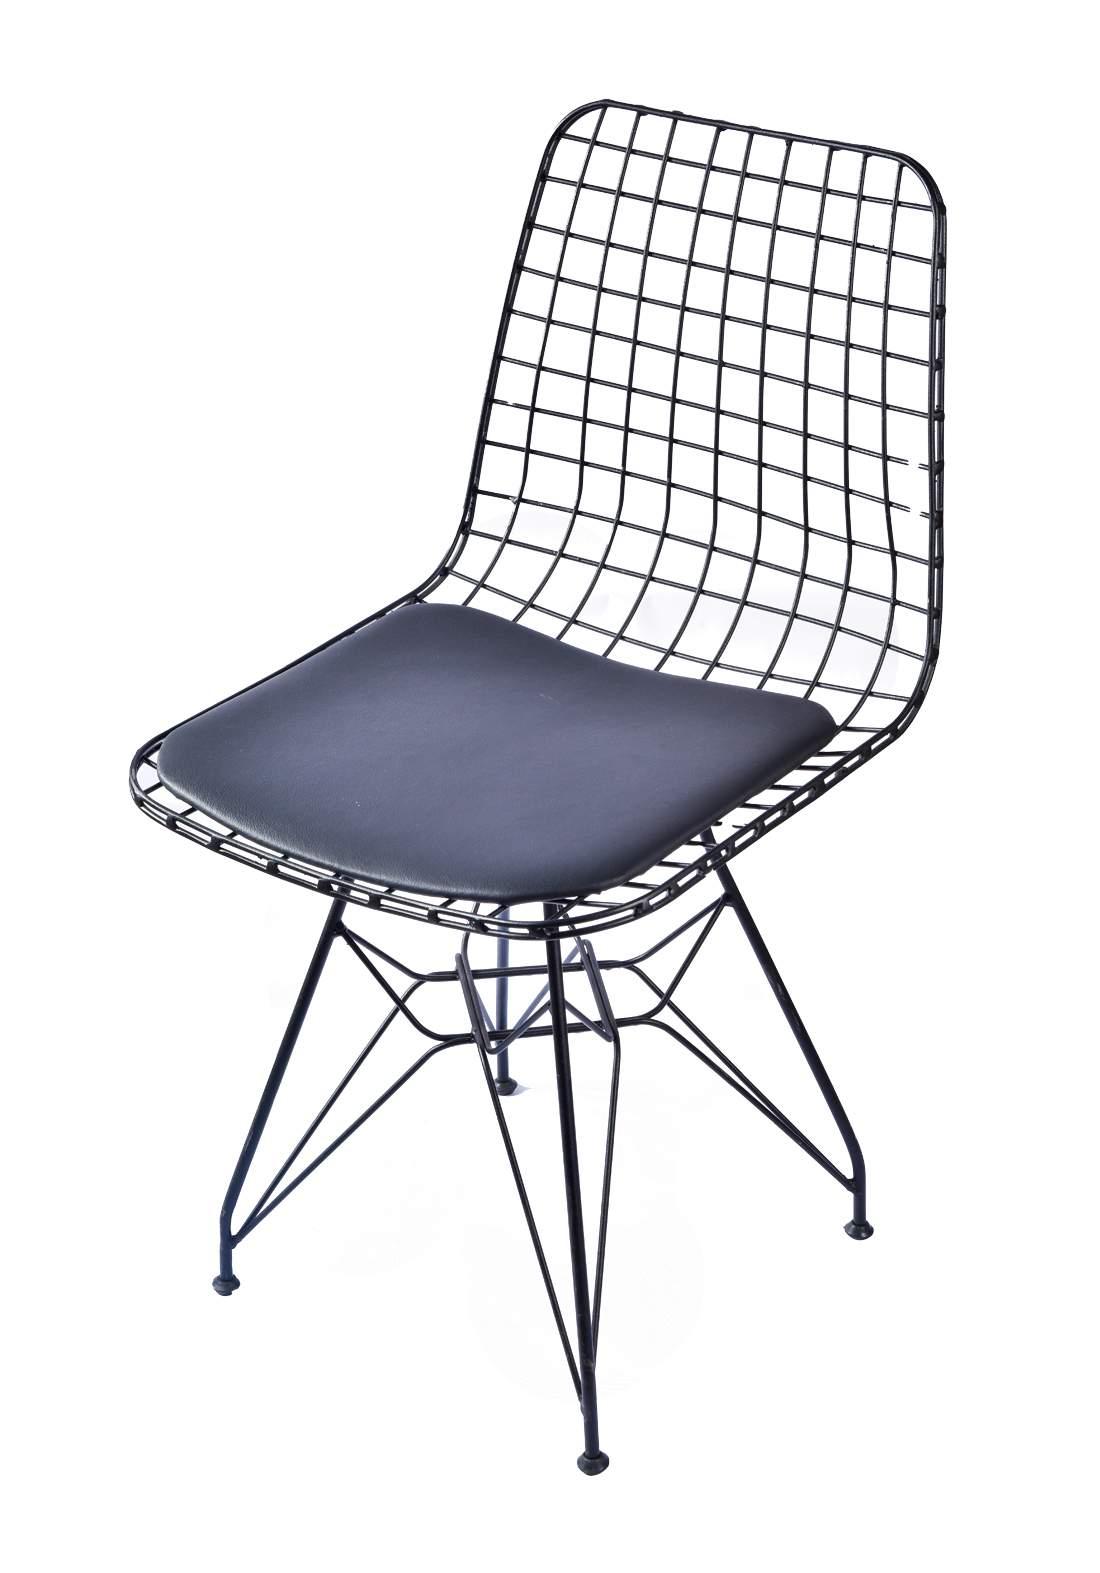 كرسي ستيل مشبك من ايوانكو